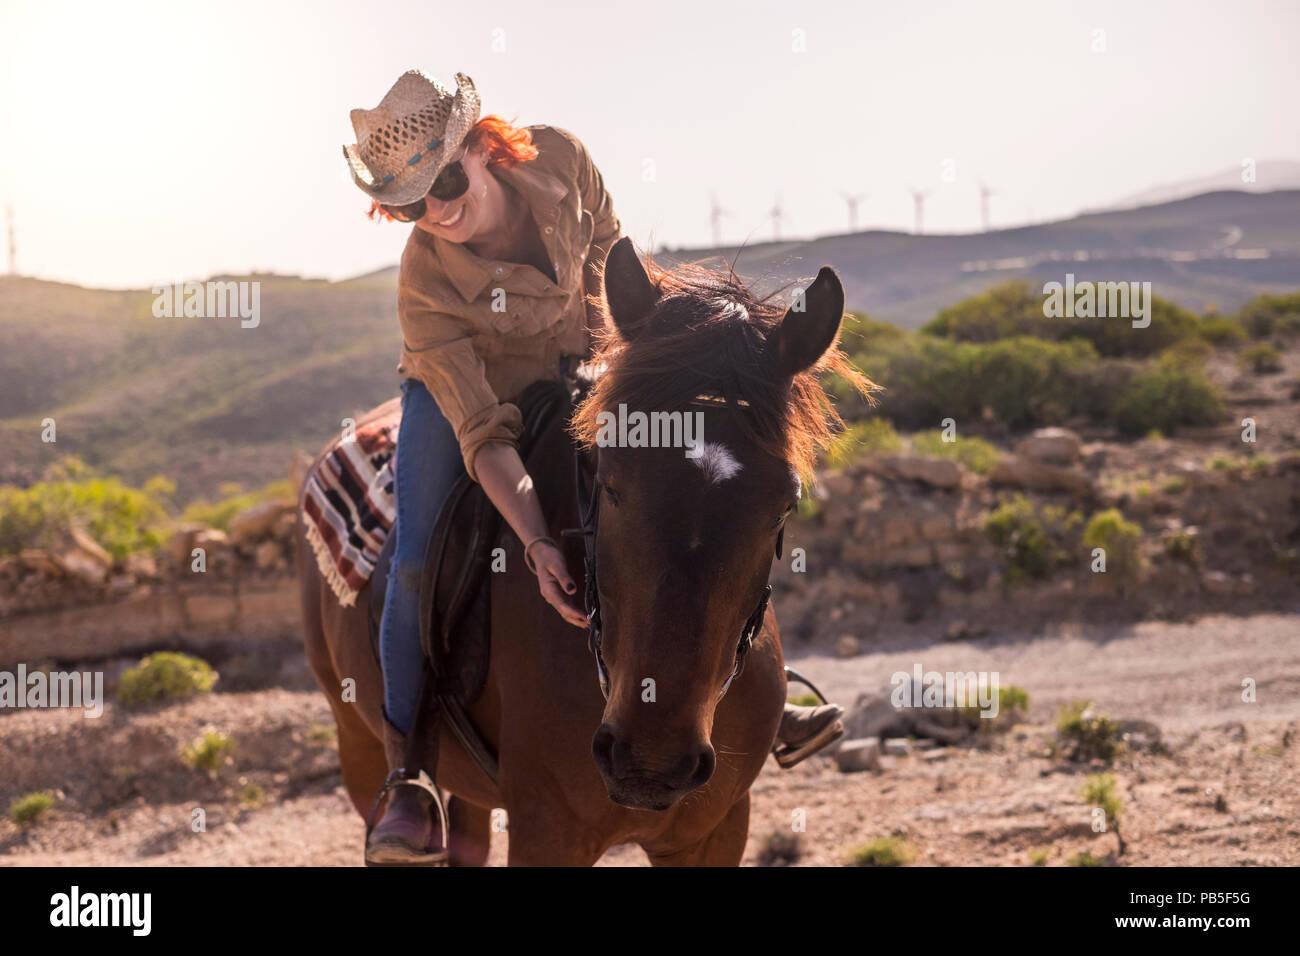 Allegro capelli rossi lady cavalcare un bel cavallo marrone in amicizia e godersi la giornata all'aperto insieme. relazioni e Pet Therapy. felice e con gioia la vita Immagini Stock